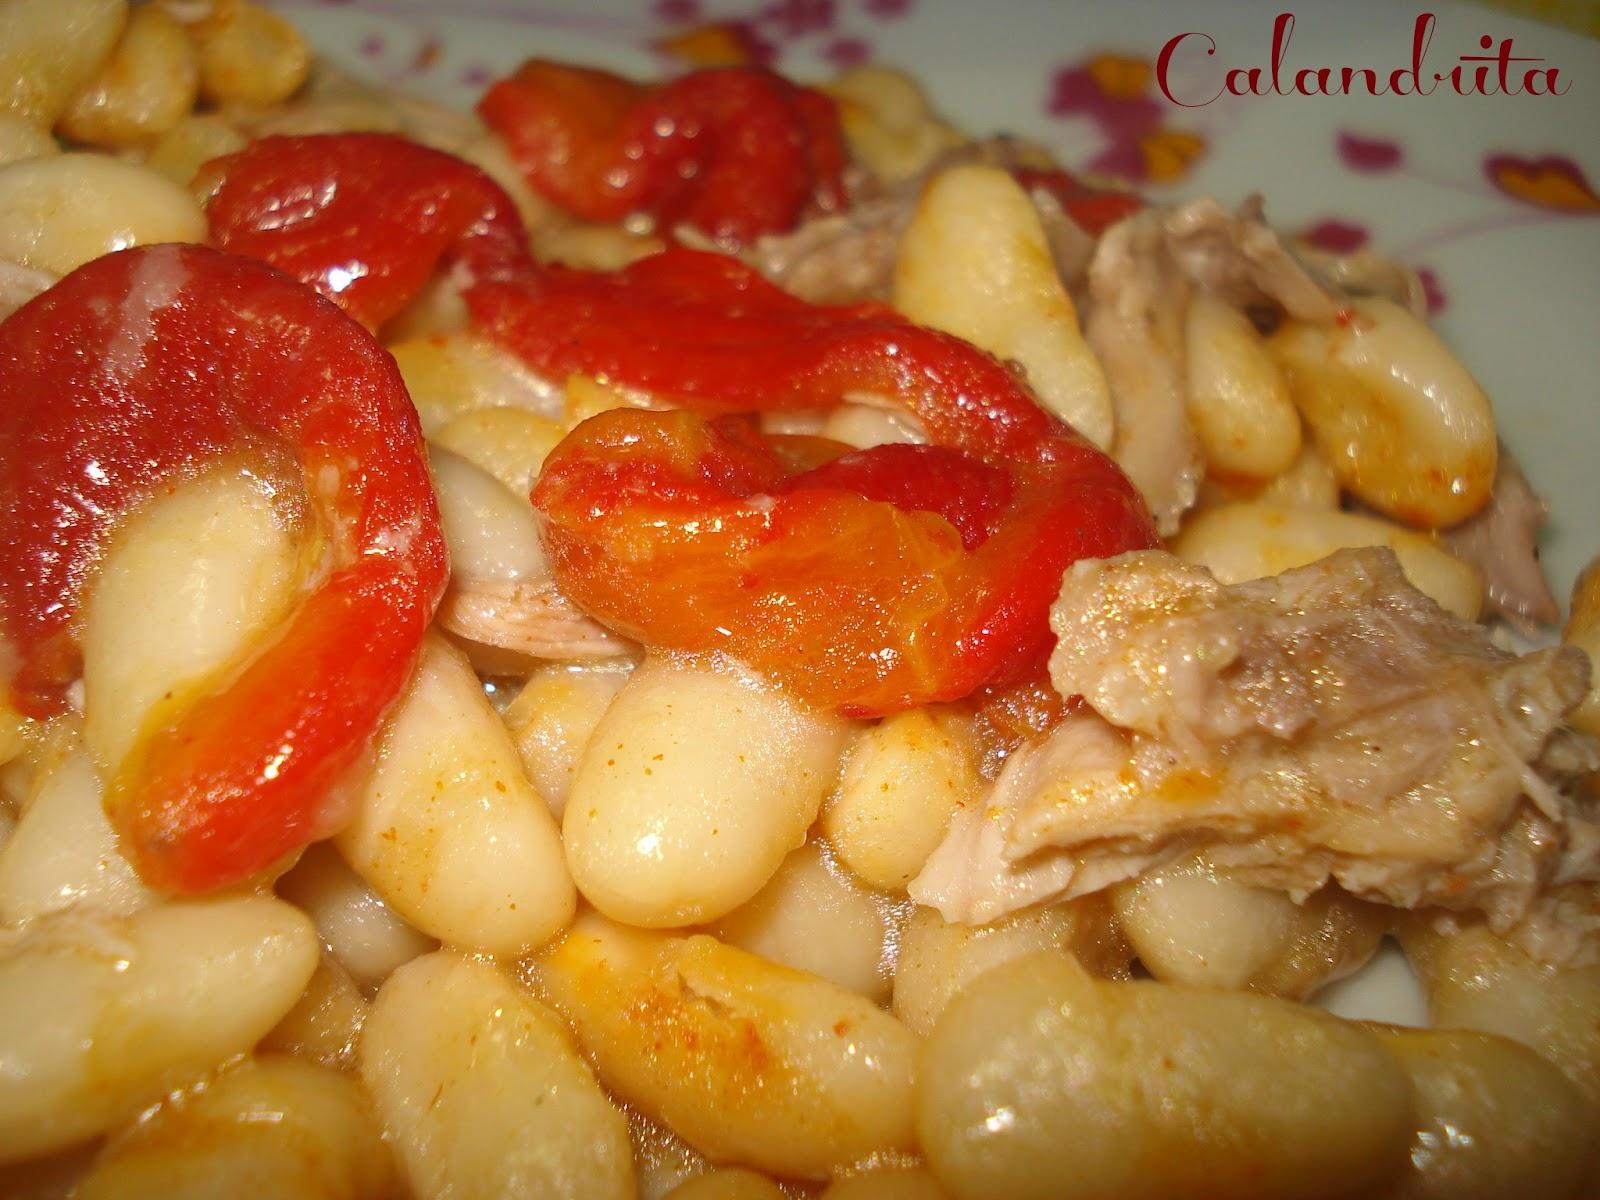 La cocina de calandrita ensalada de judias blancas con perdiz - Ensalada fria de judias blancas ...